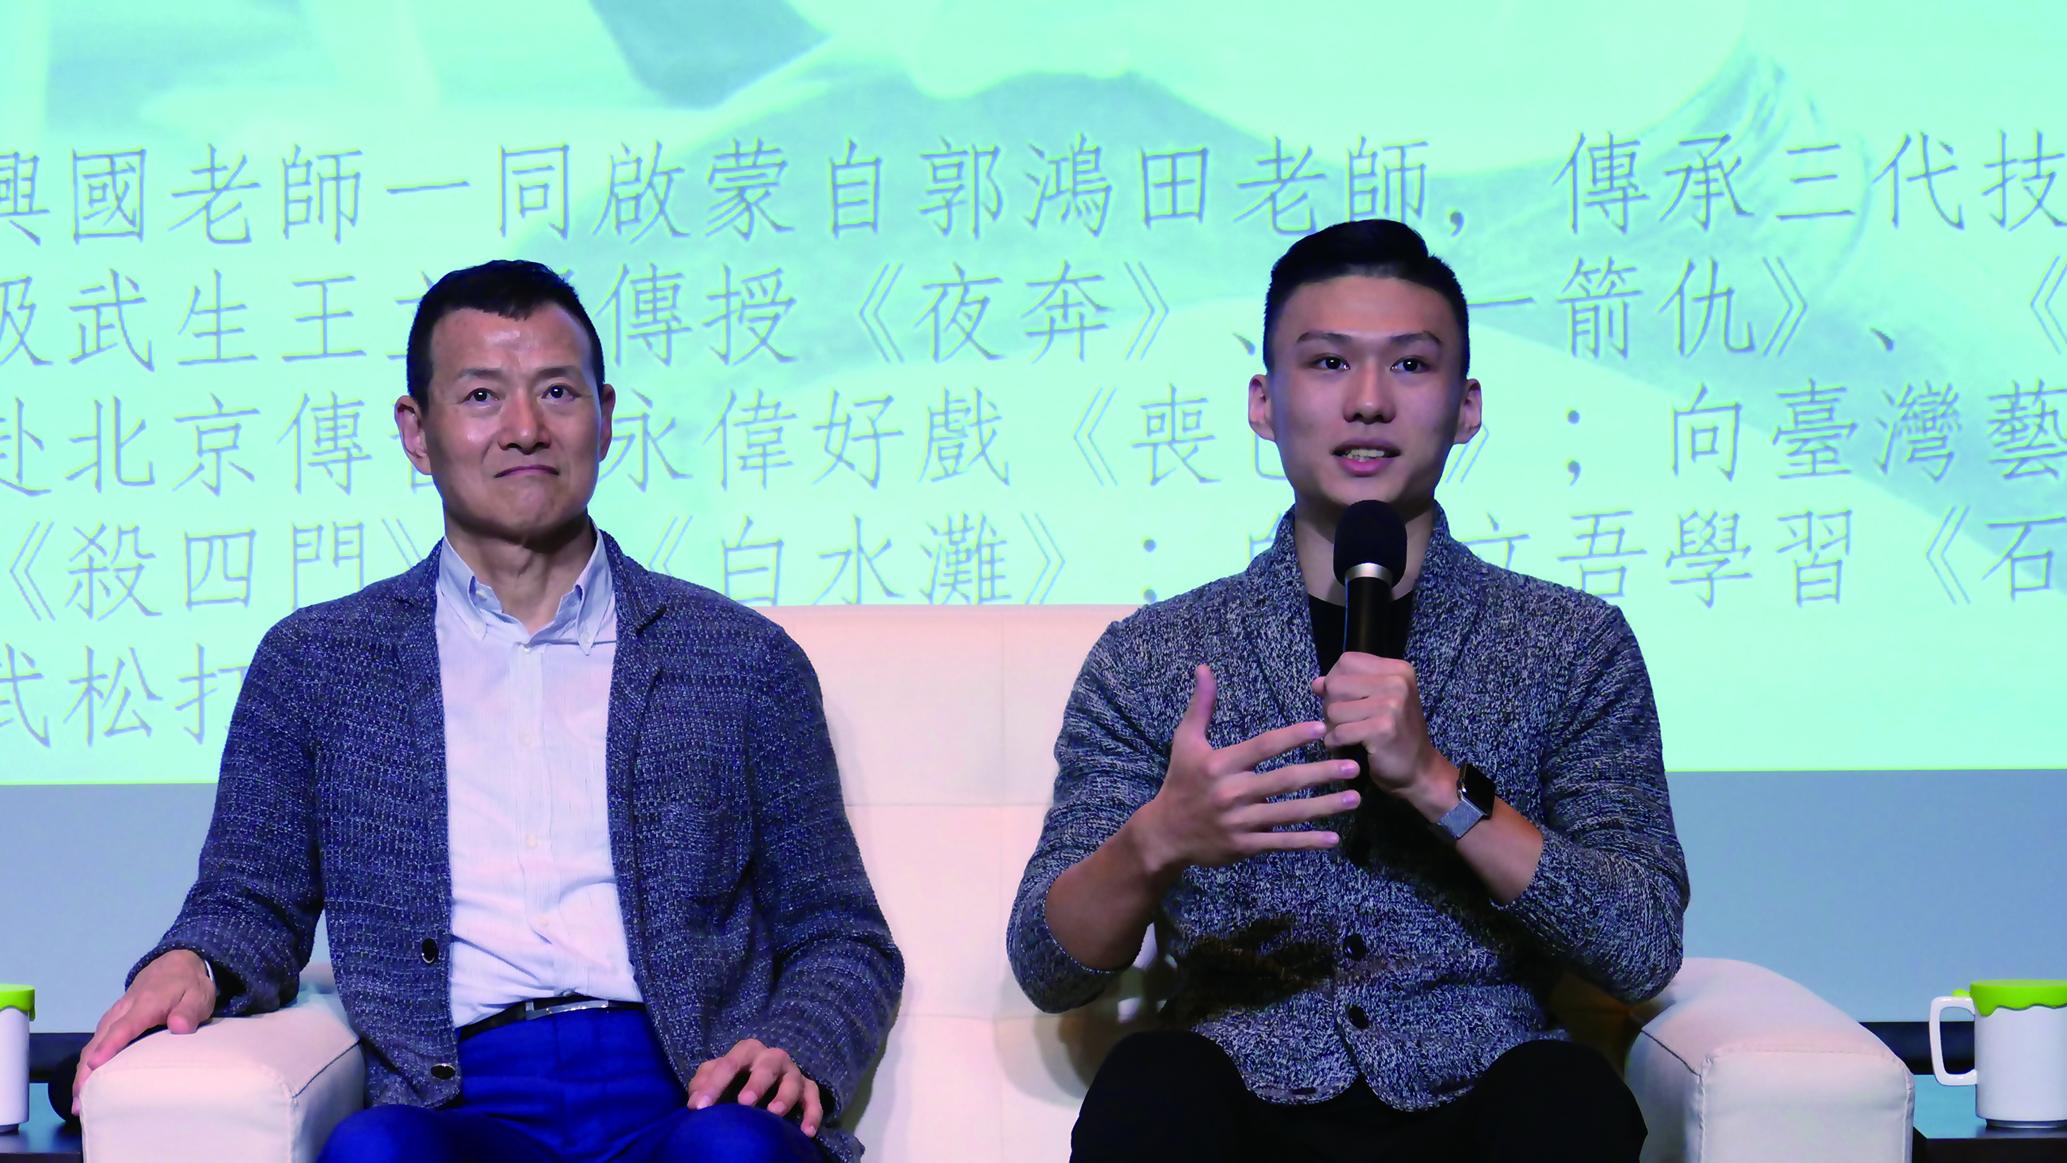 圖5朱柏澄(右)回憶與吳興國老師的師徒之路,他說當初自己演第一齣戲《秦瓊觀陣》時,吳興國老師建議他演這齣戲謹記「專注與控制」。.jpg